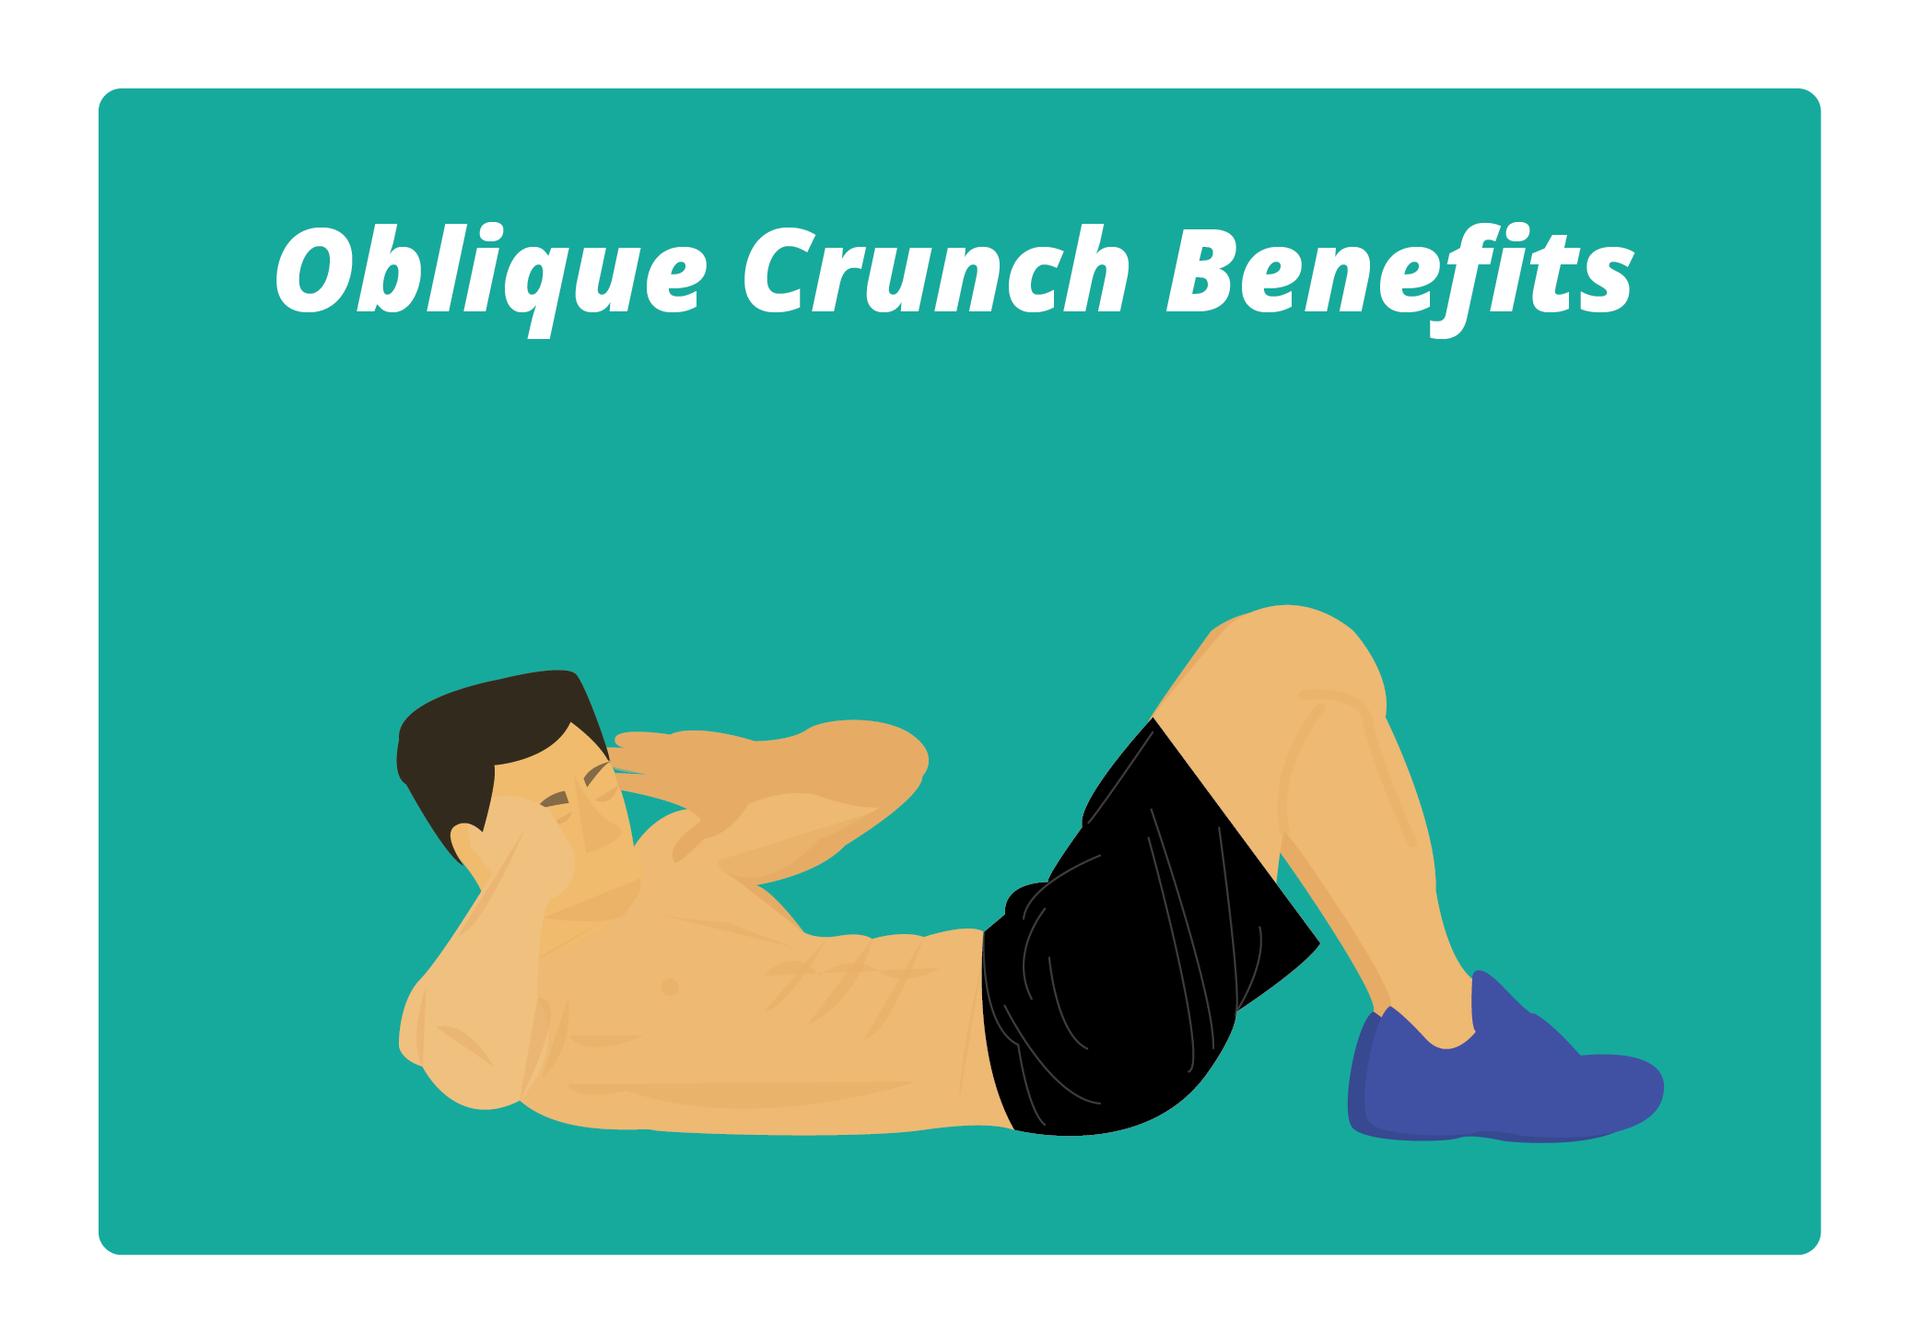 Oblique Crunch Benefits image